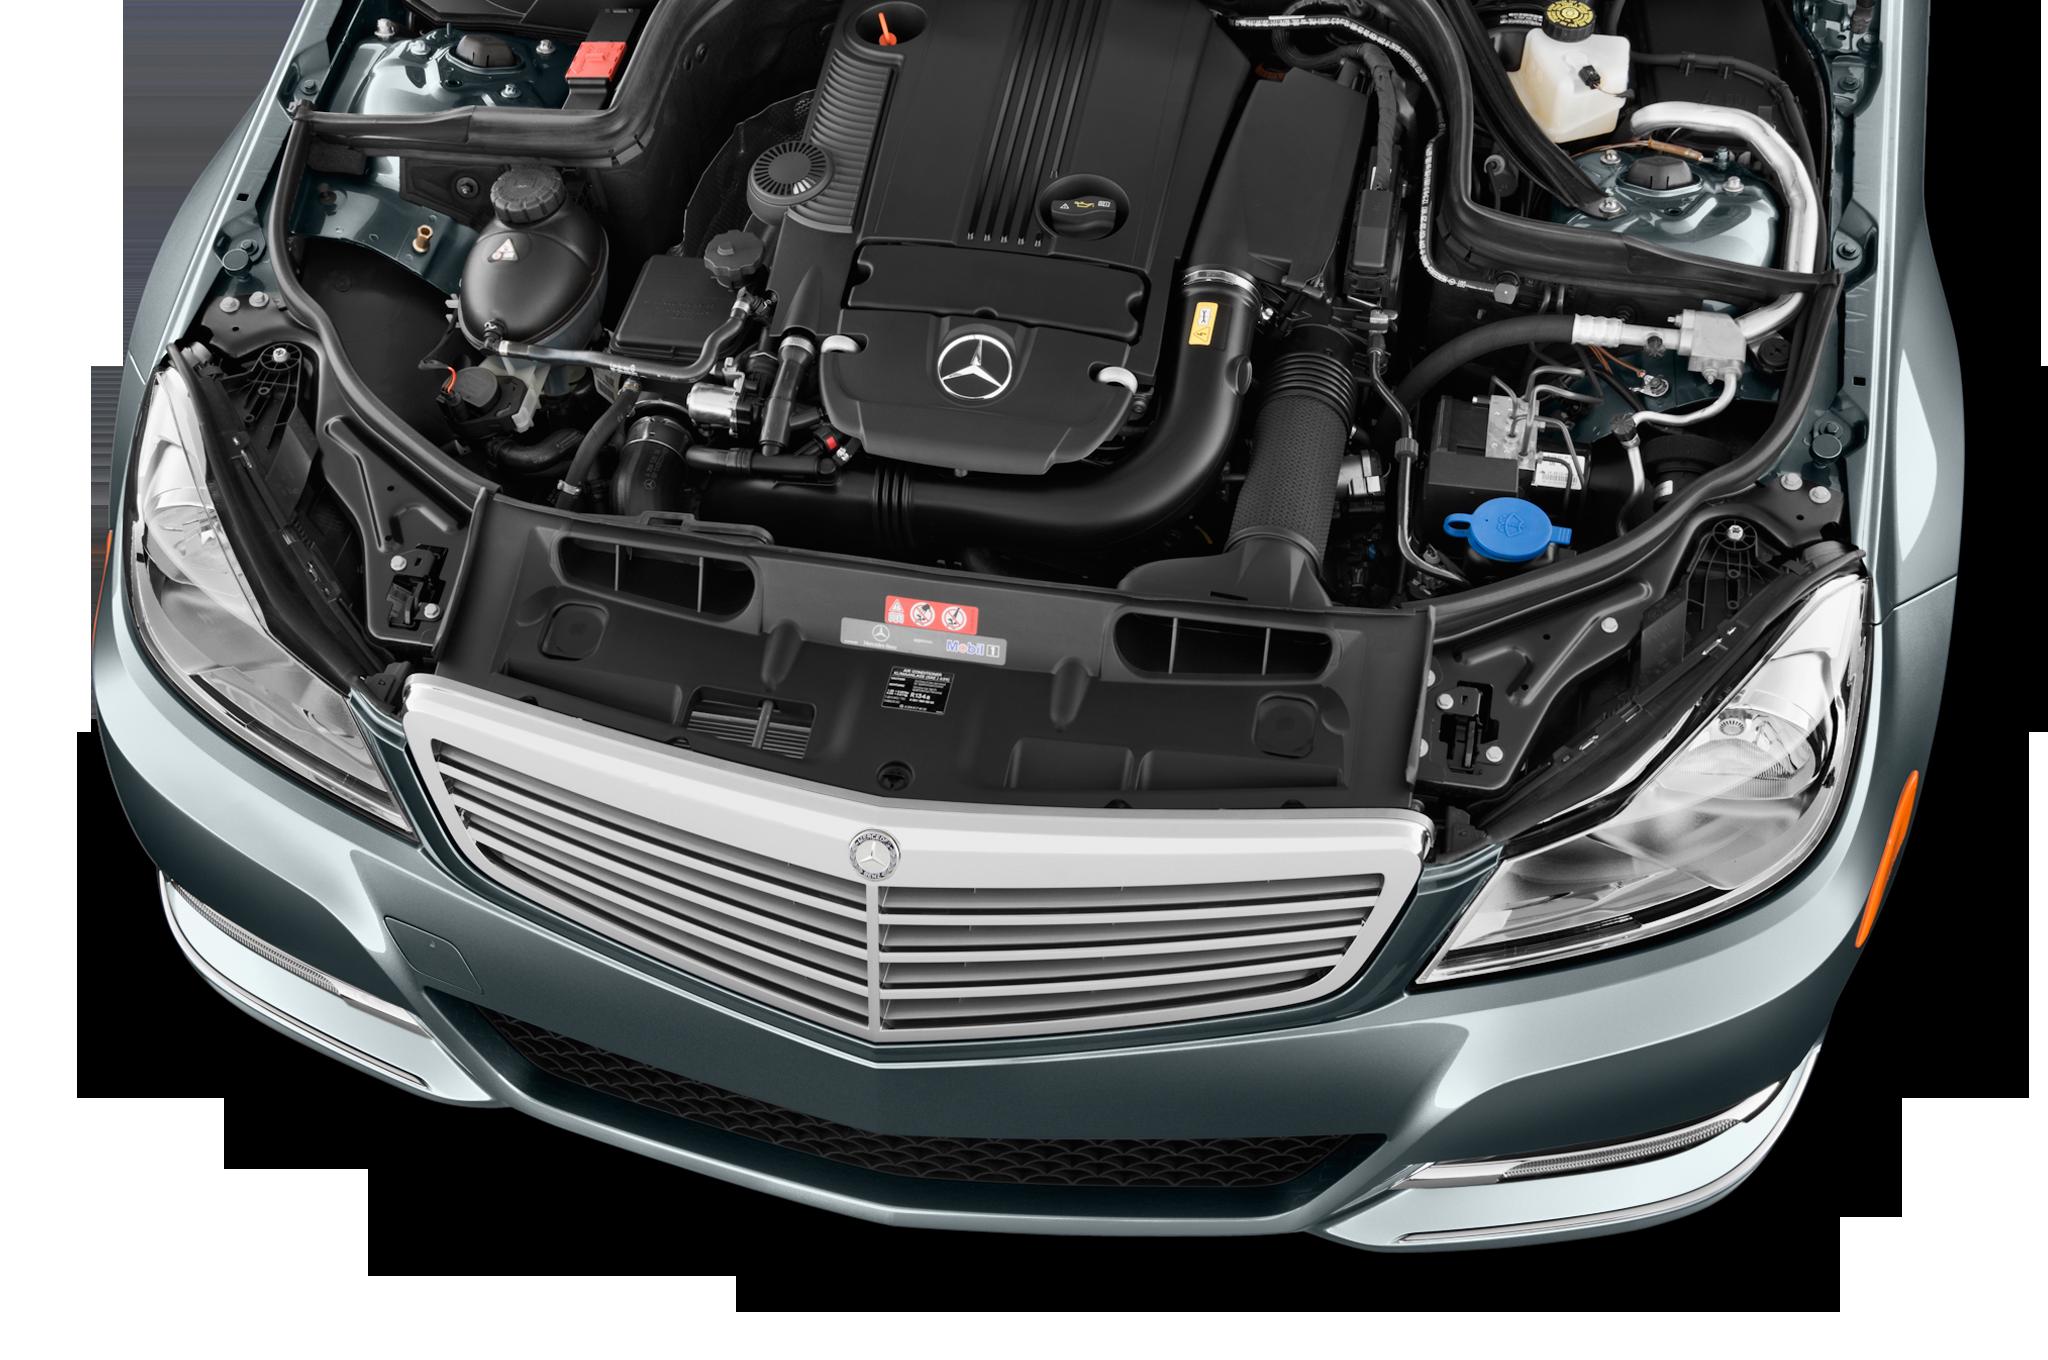 2012 mercedes benz c300 4matic editors 39 notebook for Mercedes benz c class engine